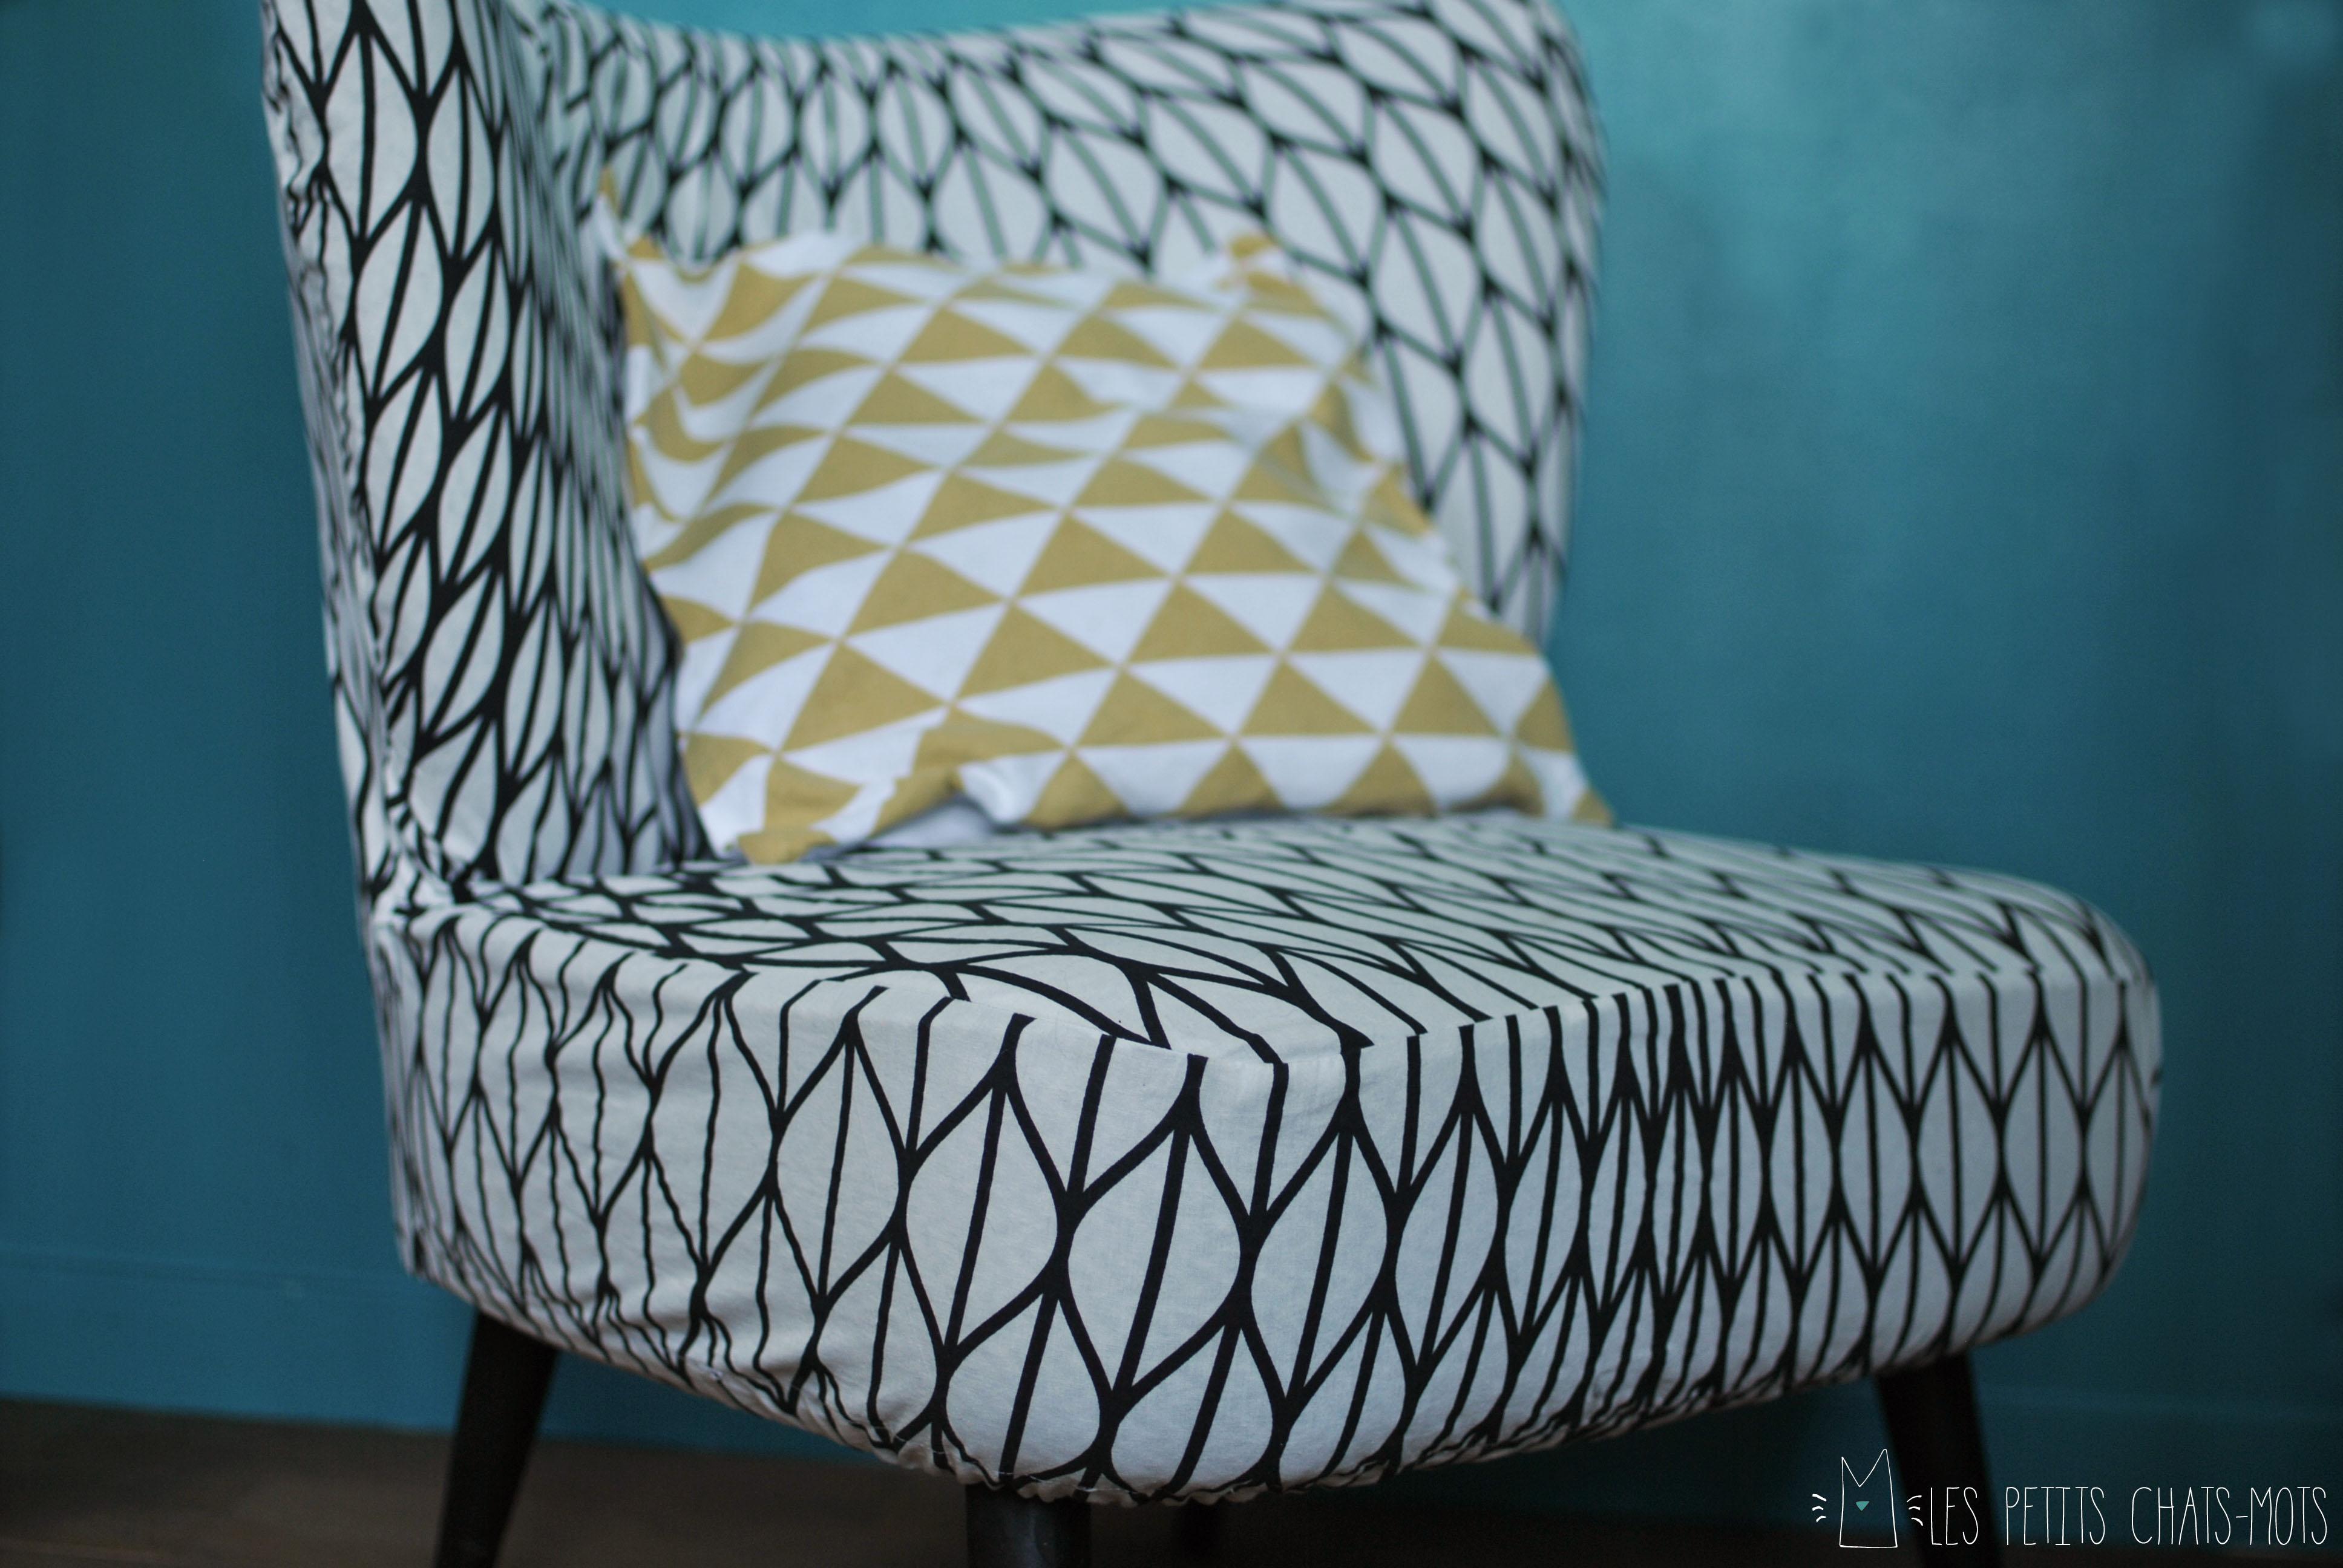 housse pour fauteuil ampm lespetitschatsmots. Black Bedroom Furniture Sets. Home Design Ideas